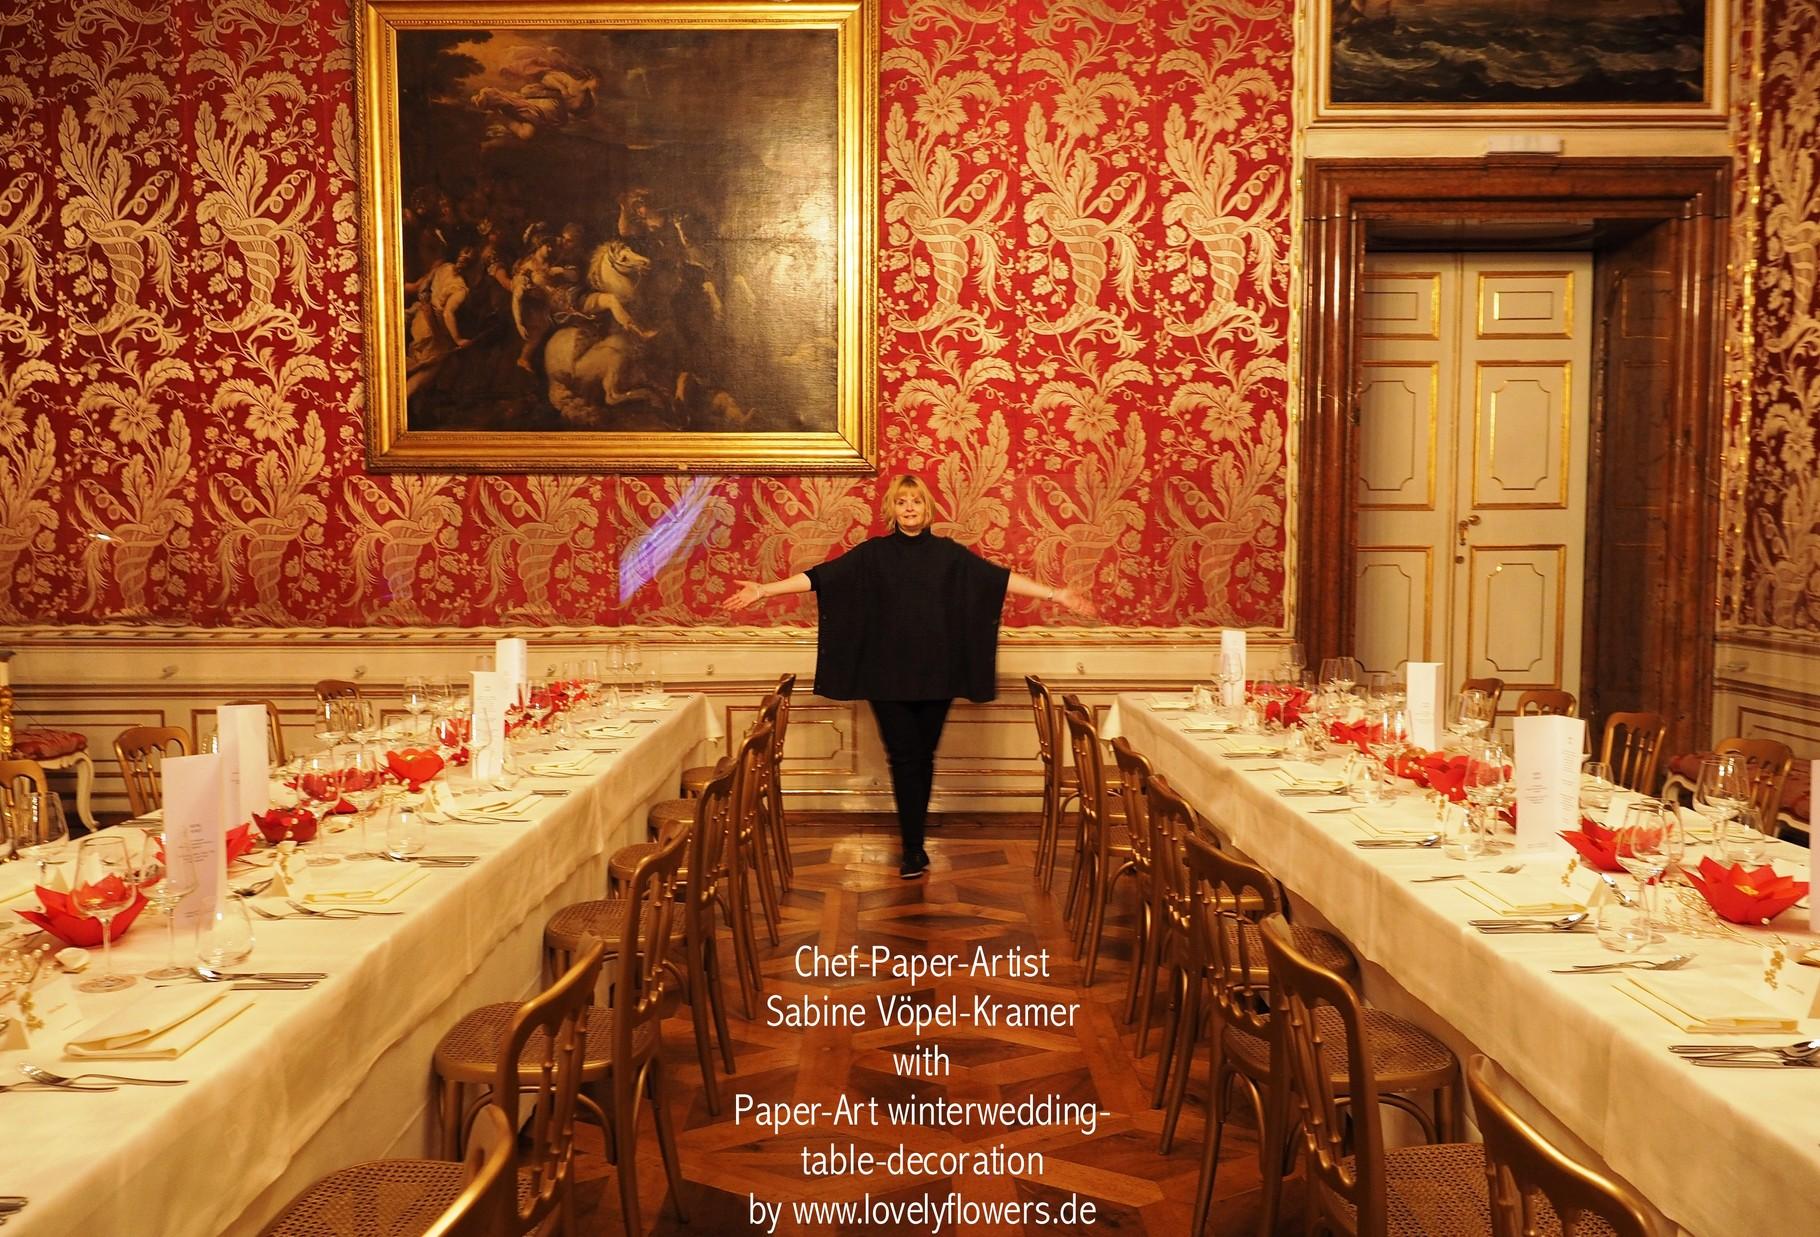 Chef Paper-Artist Sabine Vöpel-Kramervon www.lovelyflowers.de bei vor Ort Montage einer exklusiven Paperflower-Art-Tischdekoration in der Residenz zu Salzburg/Österreich